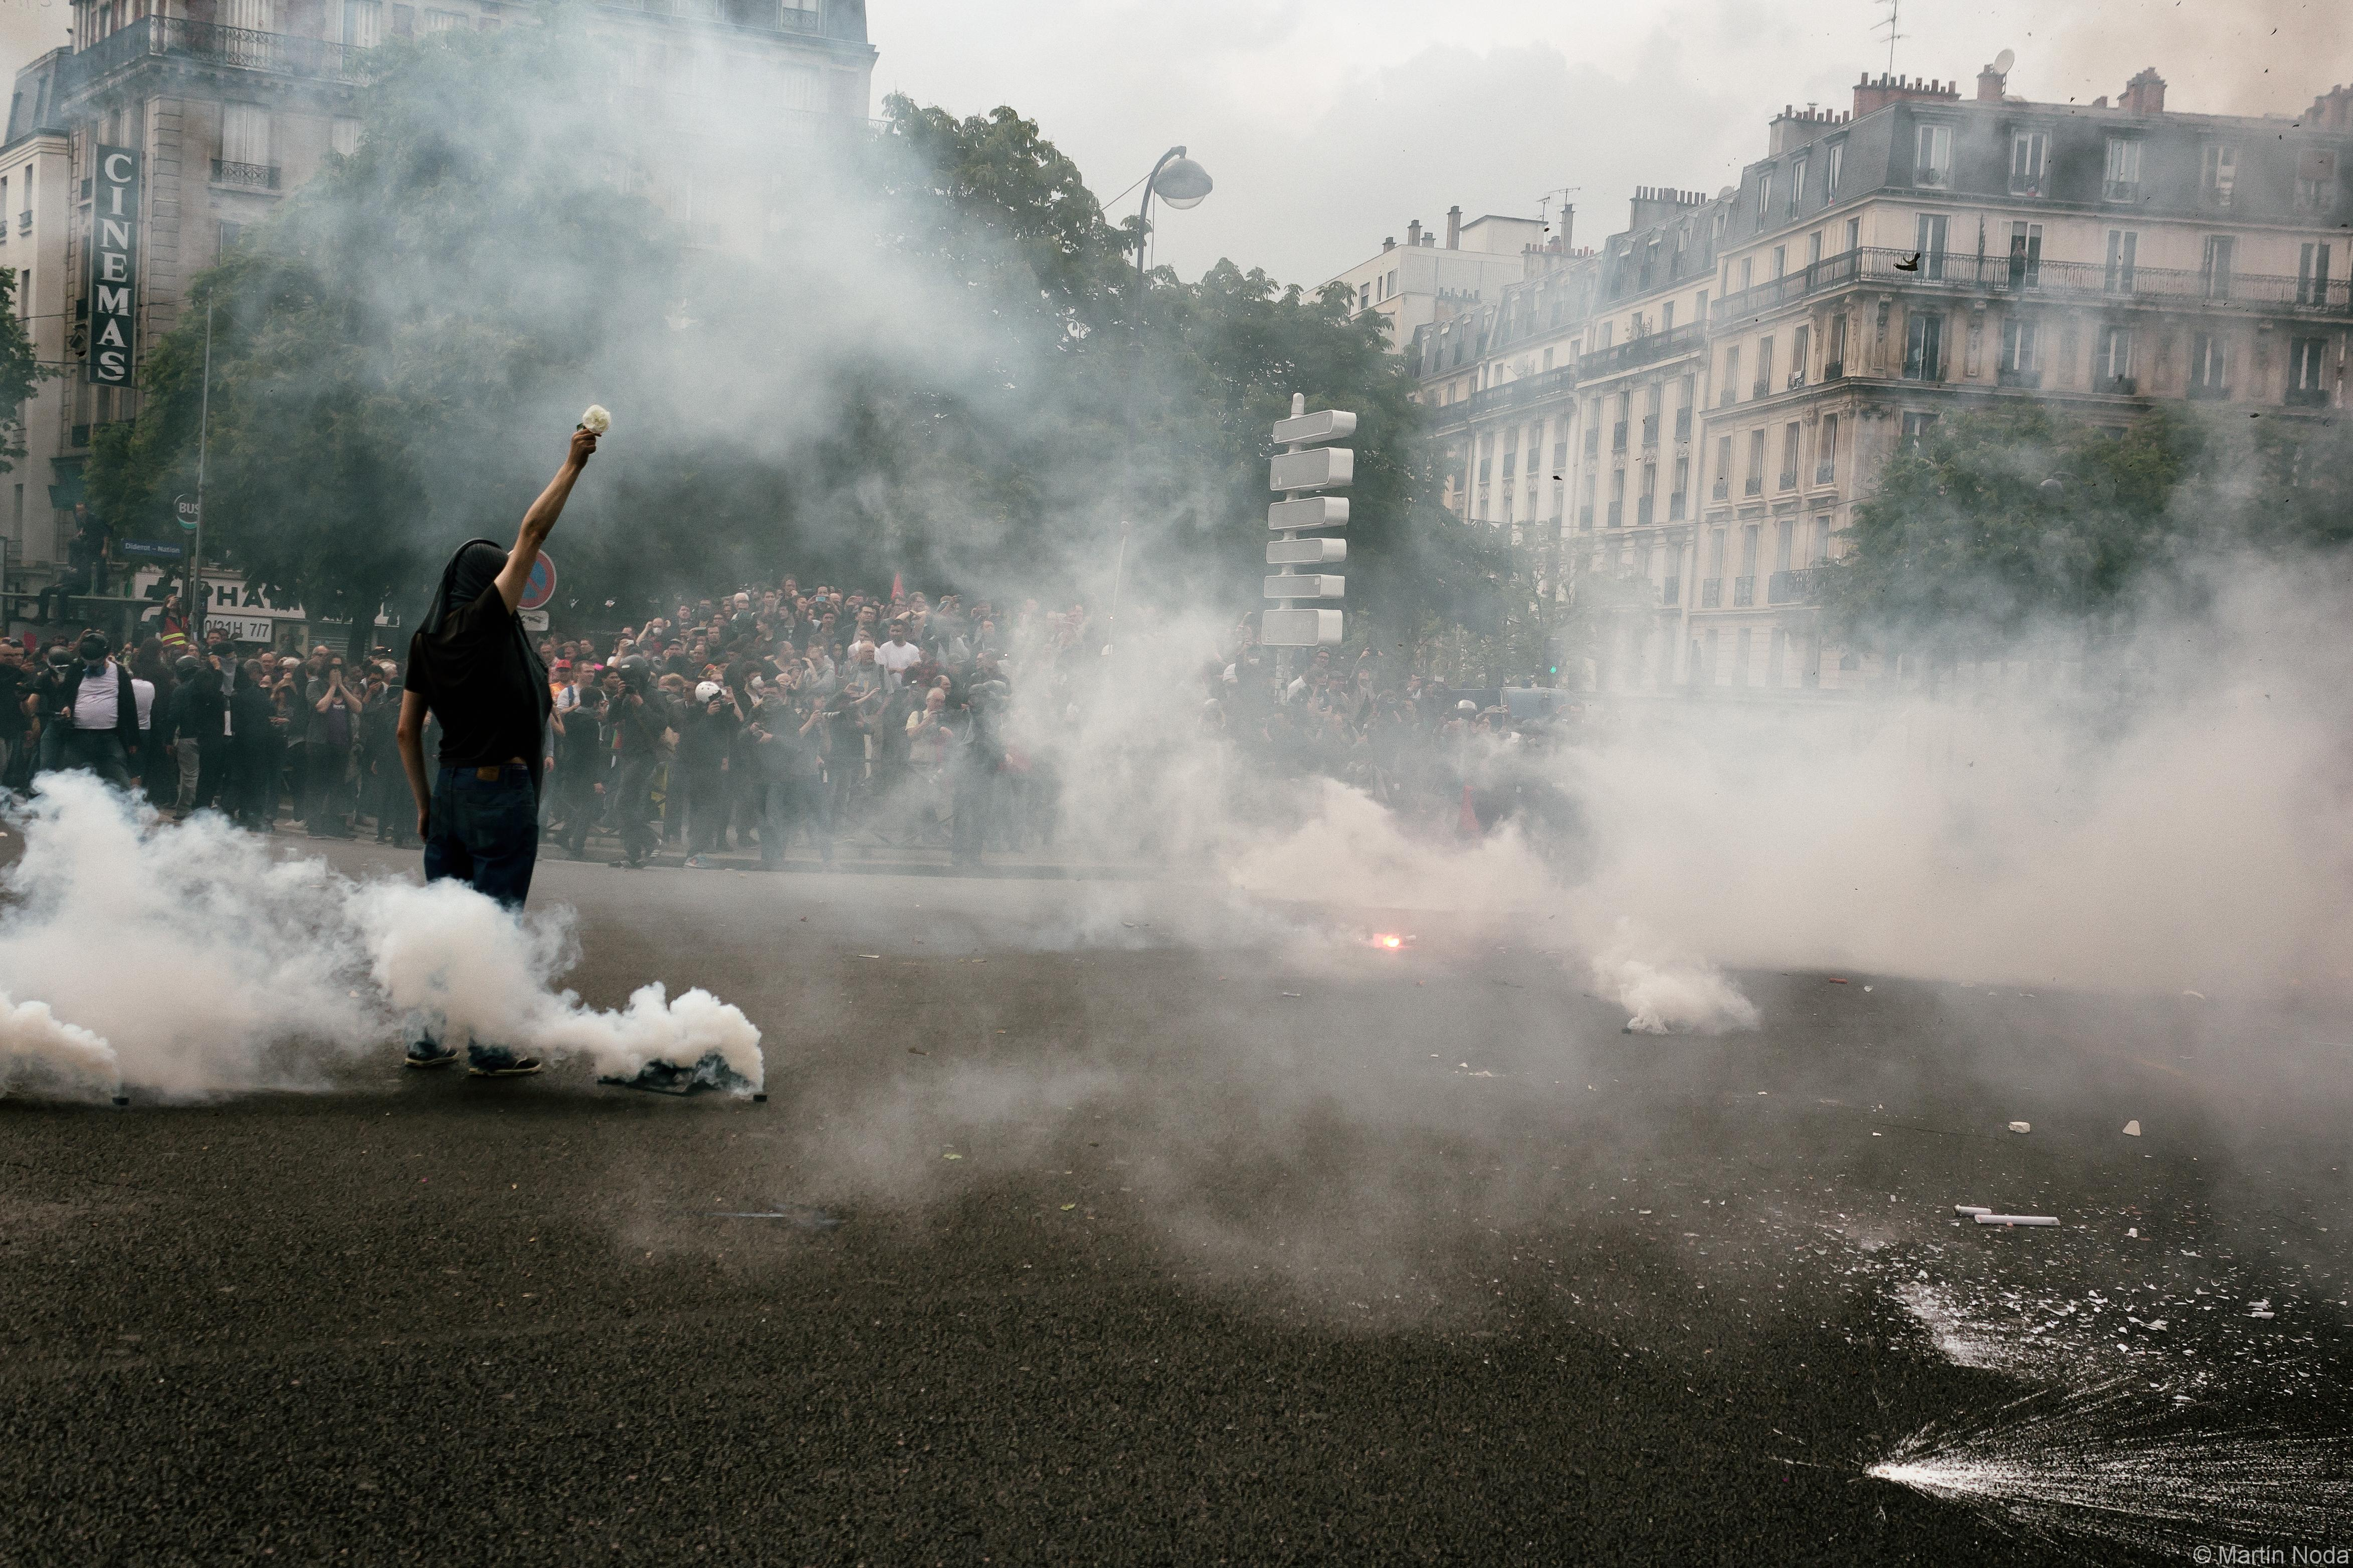 Paris - 26/05/2016